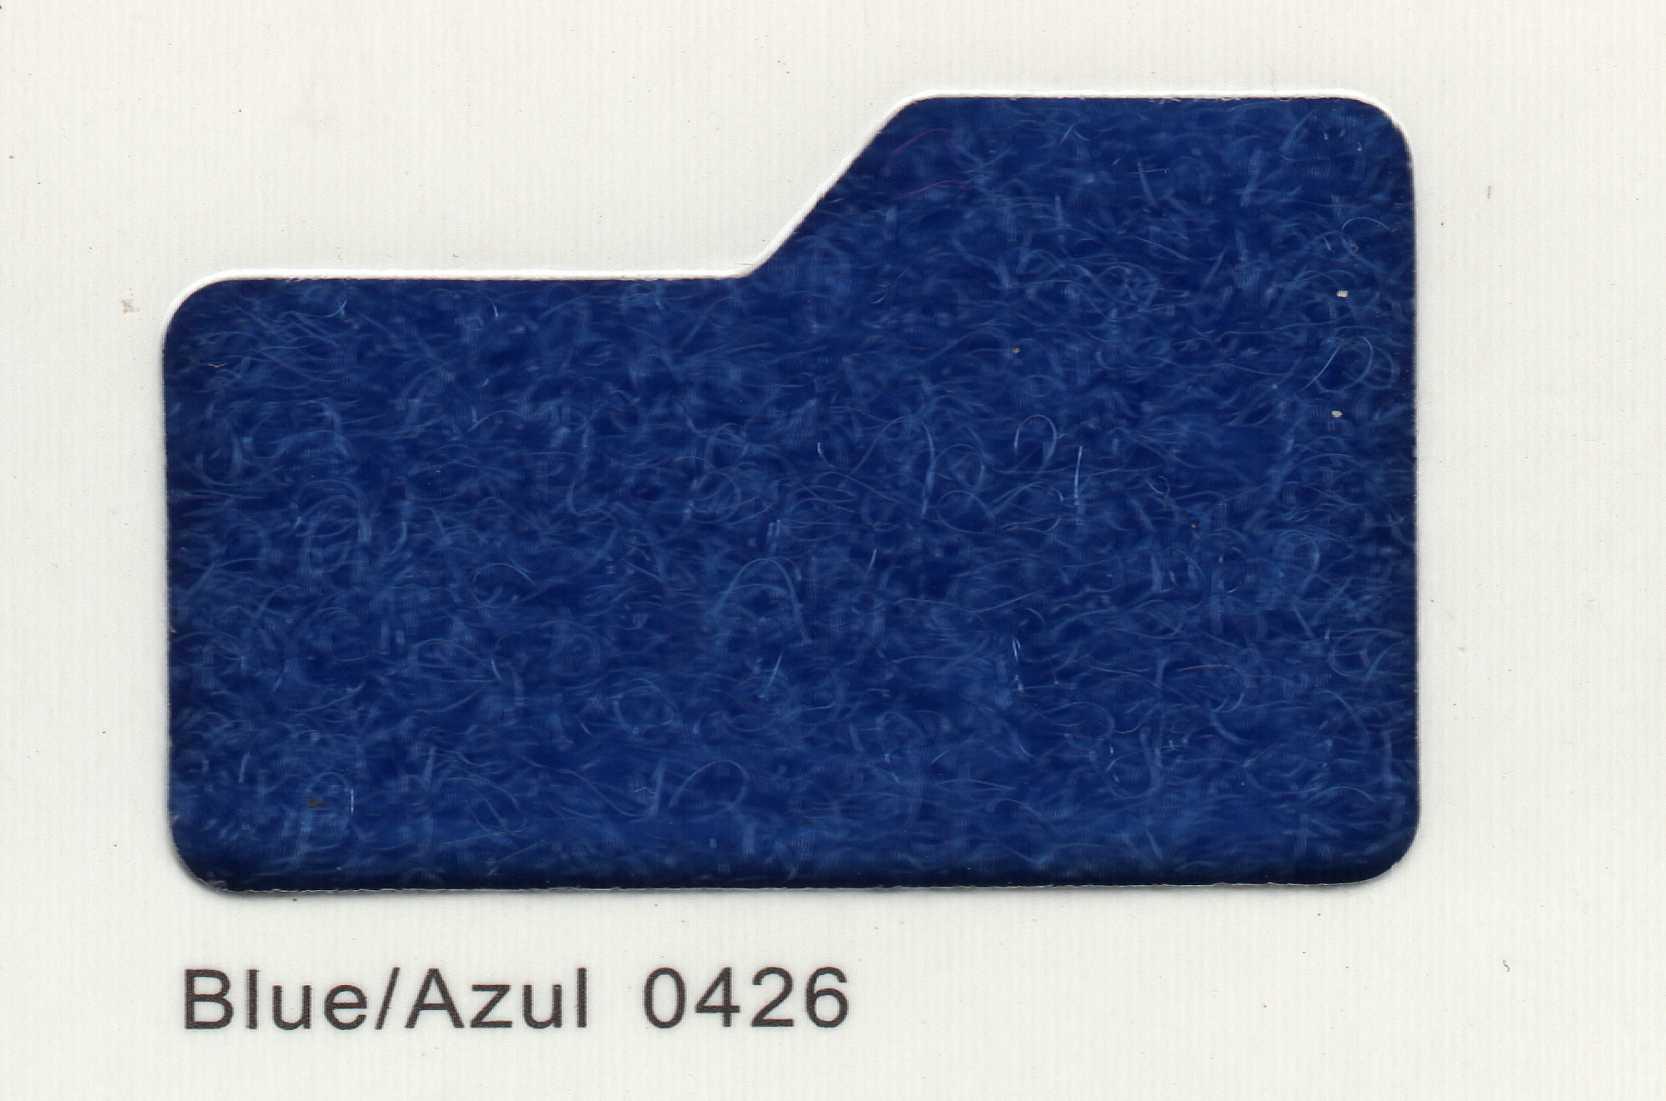 Cinta de cierre Velcro-Veraco 30mm Azul 0426 (Rizo).